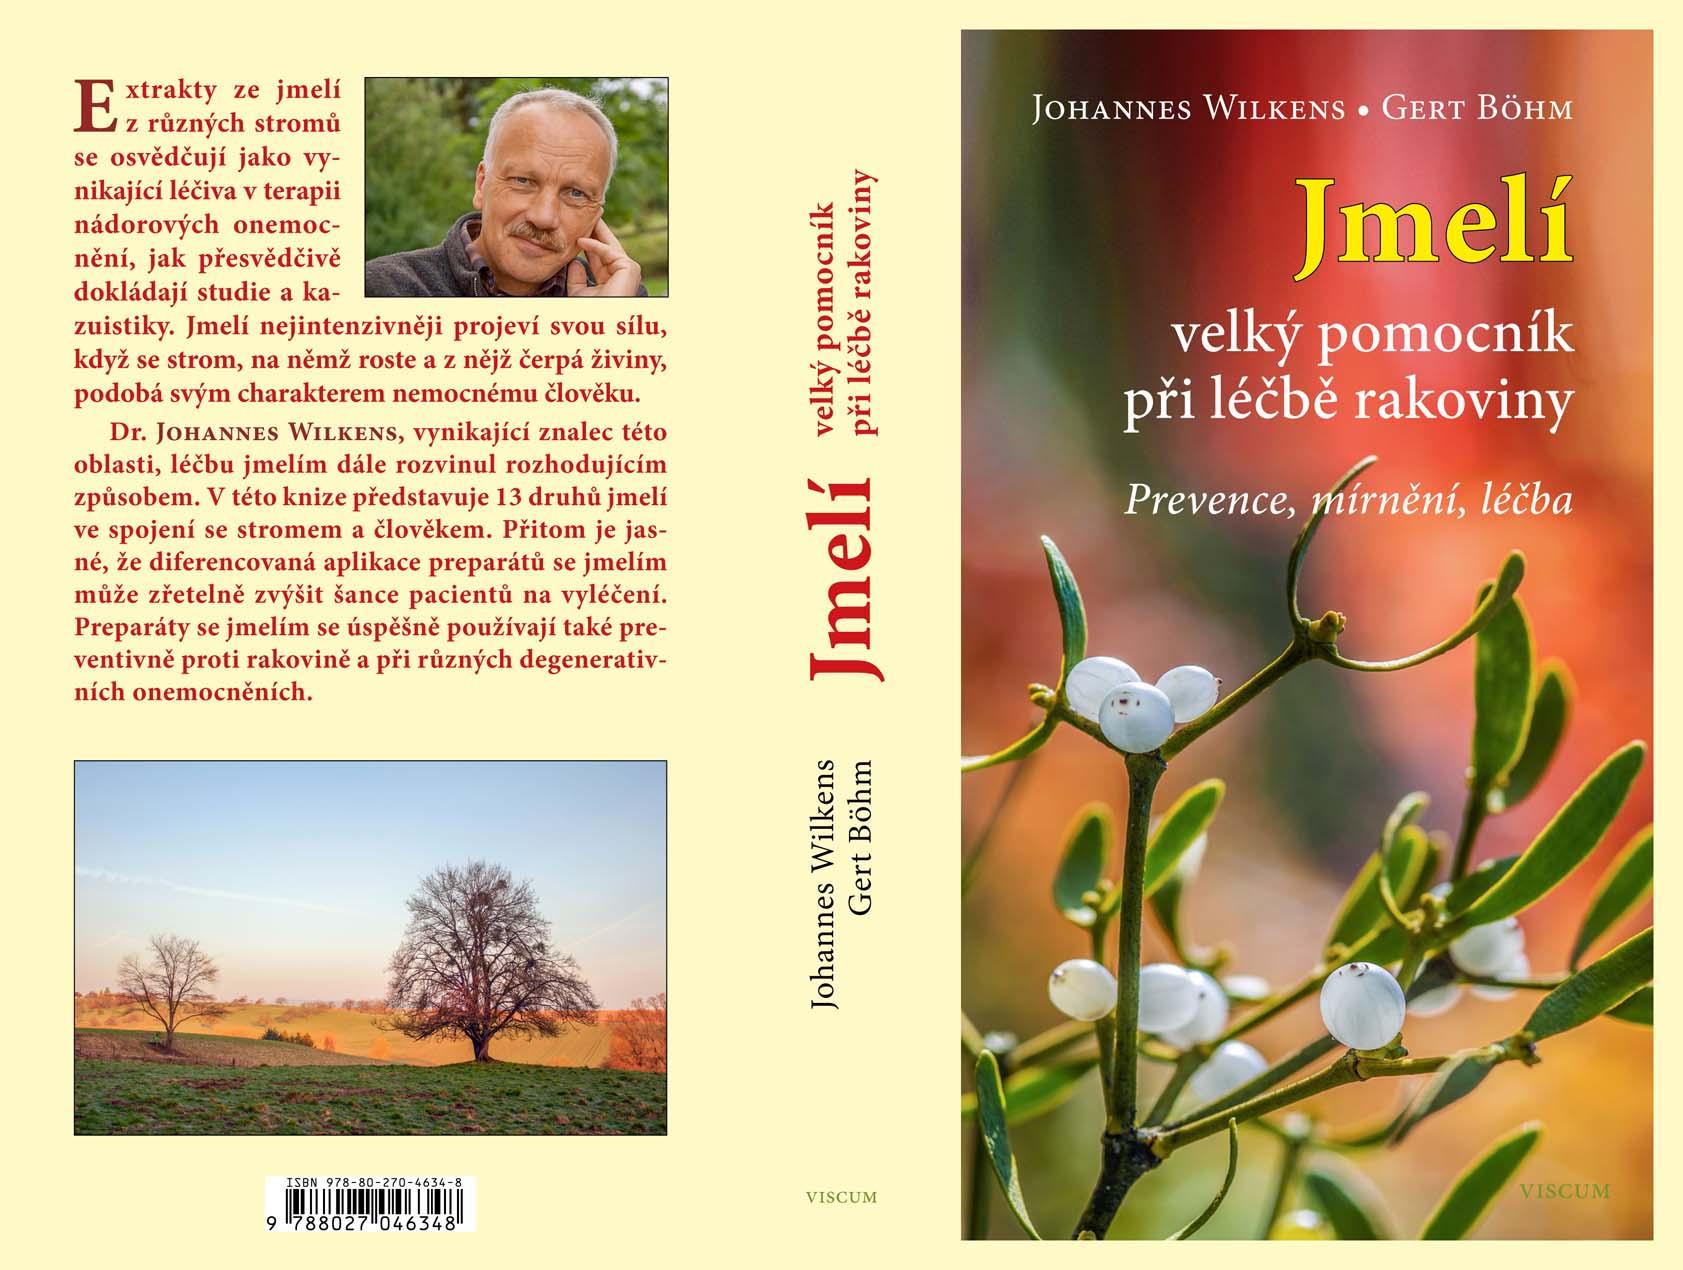 Český překlad knihy Jmelí, velký pomocník při léčbě rakoviny